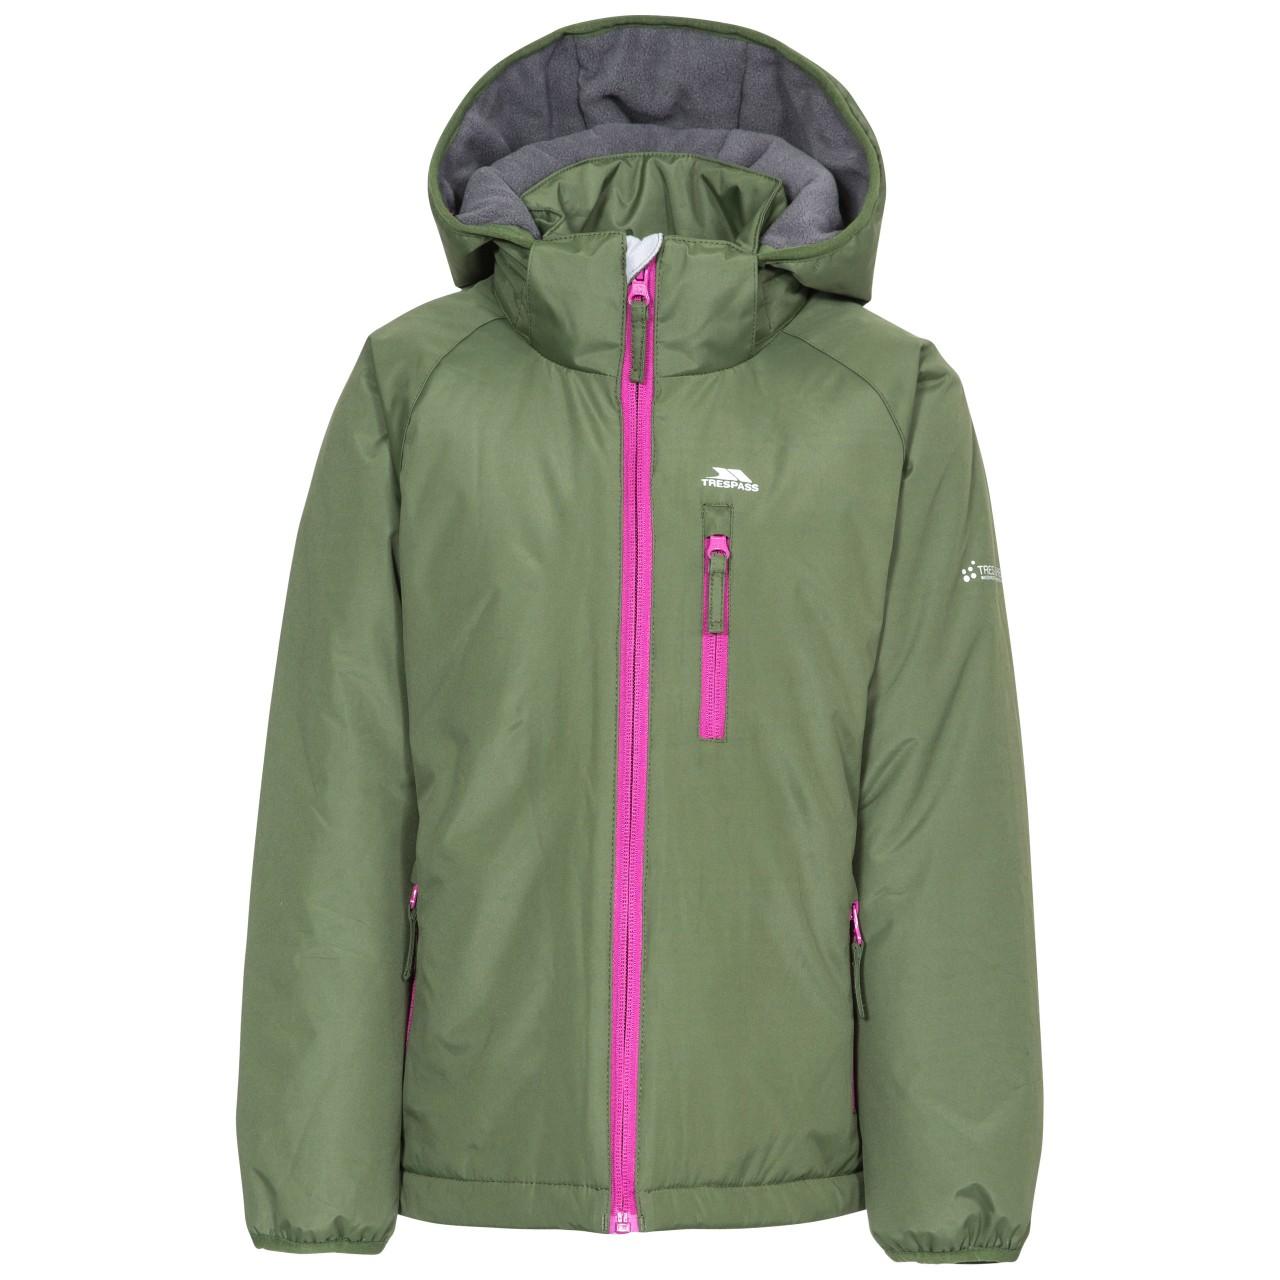 Trespass Childrens Girls Shasta Waterproof Jacket (11/12 Years) (Moss)